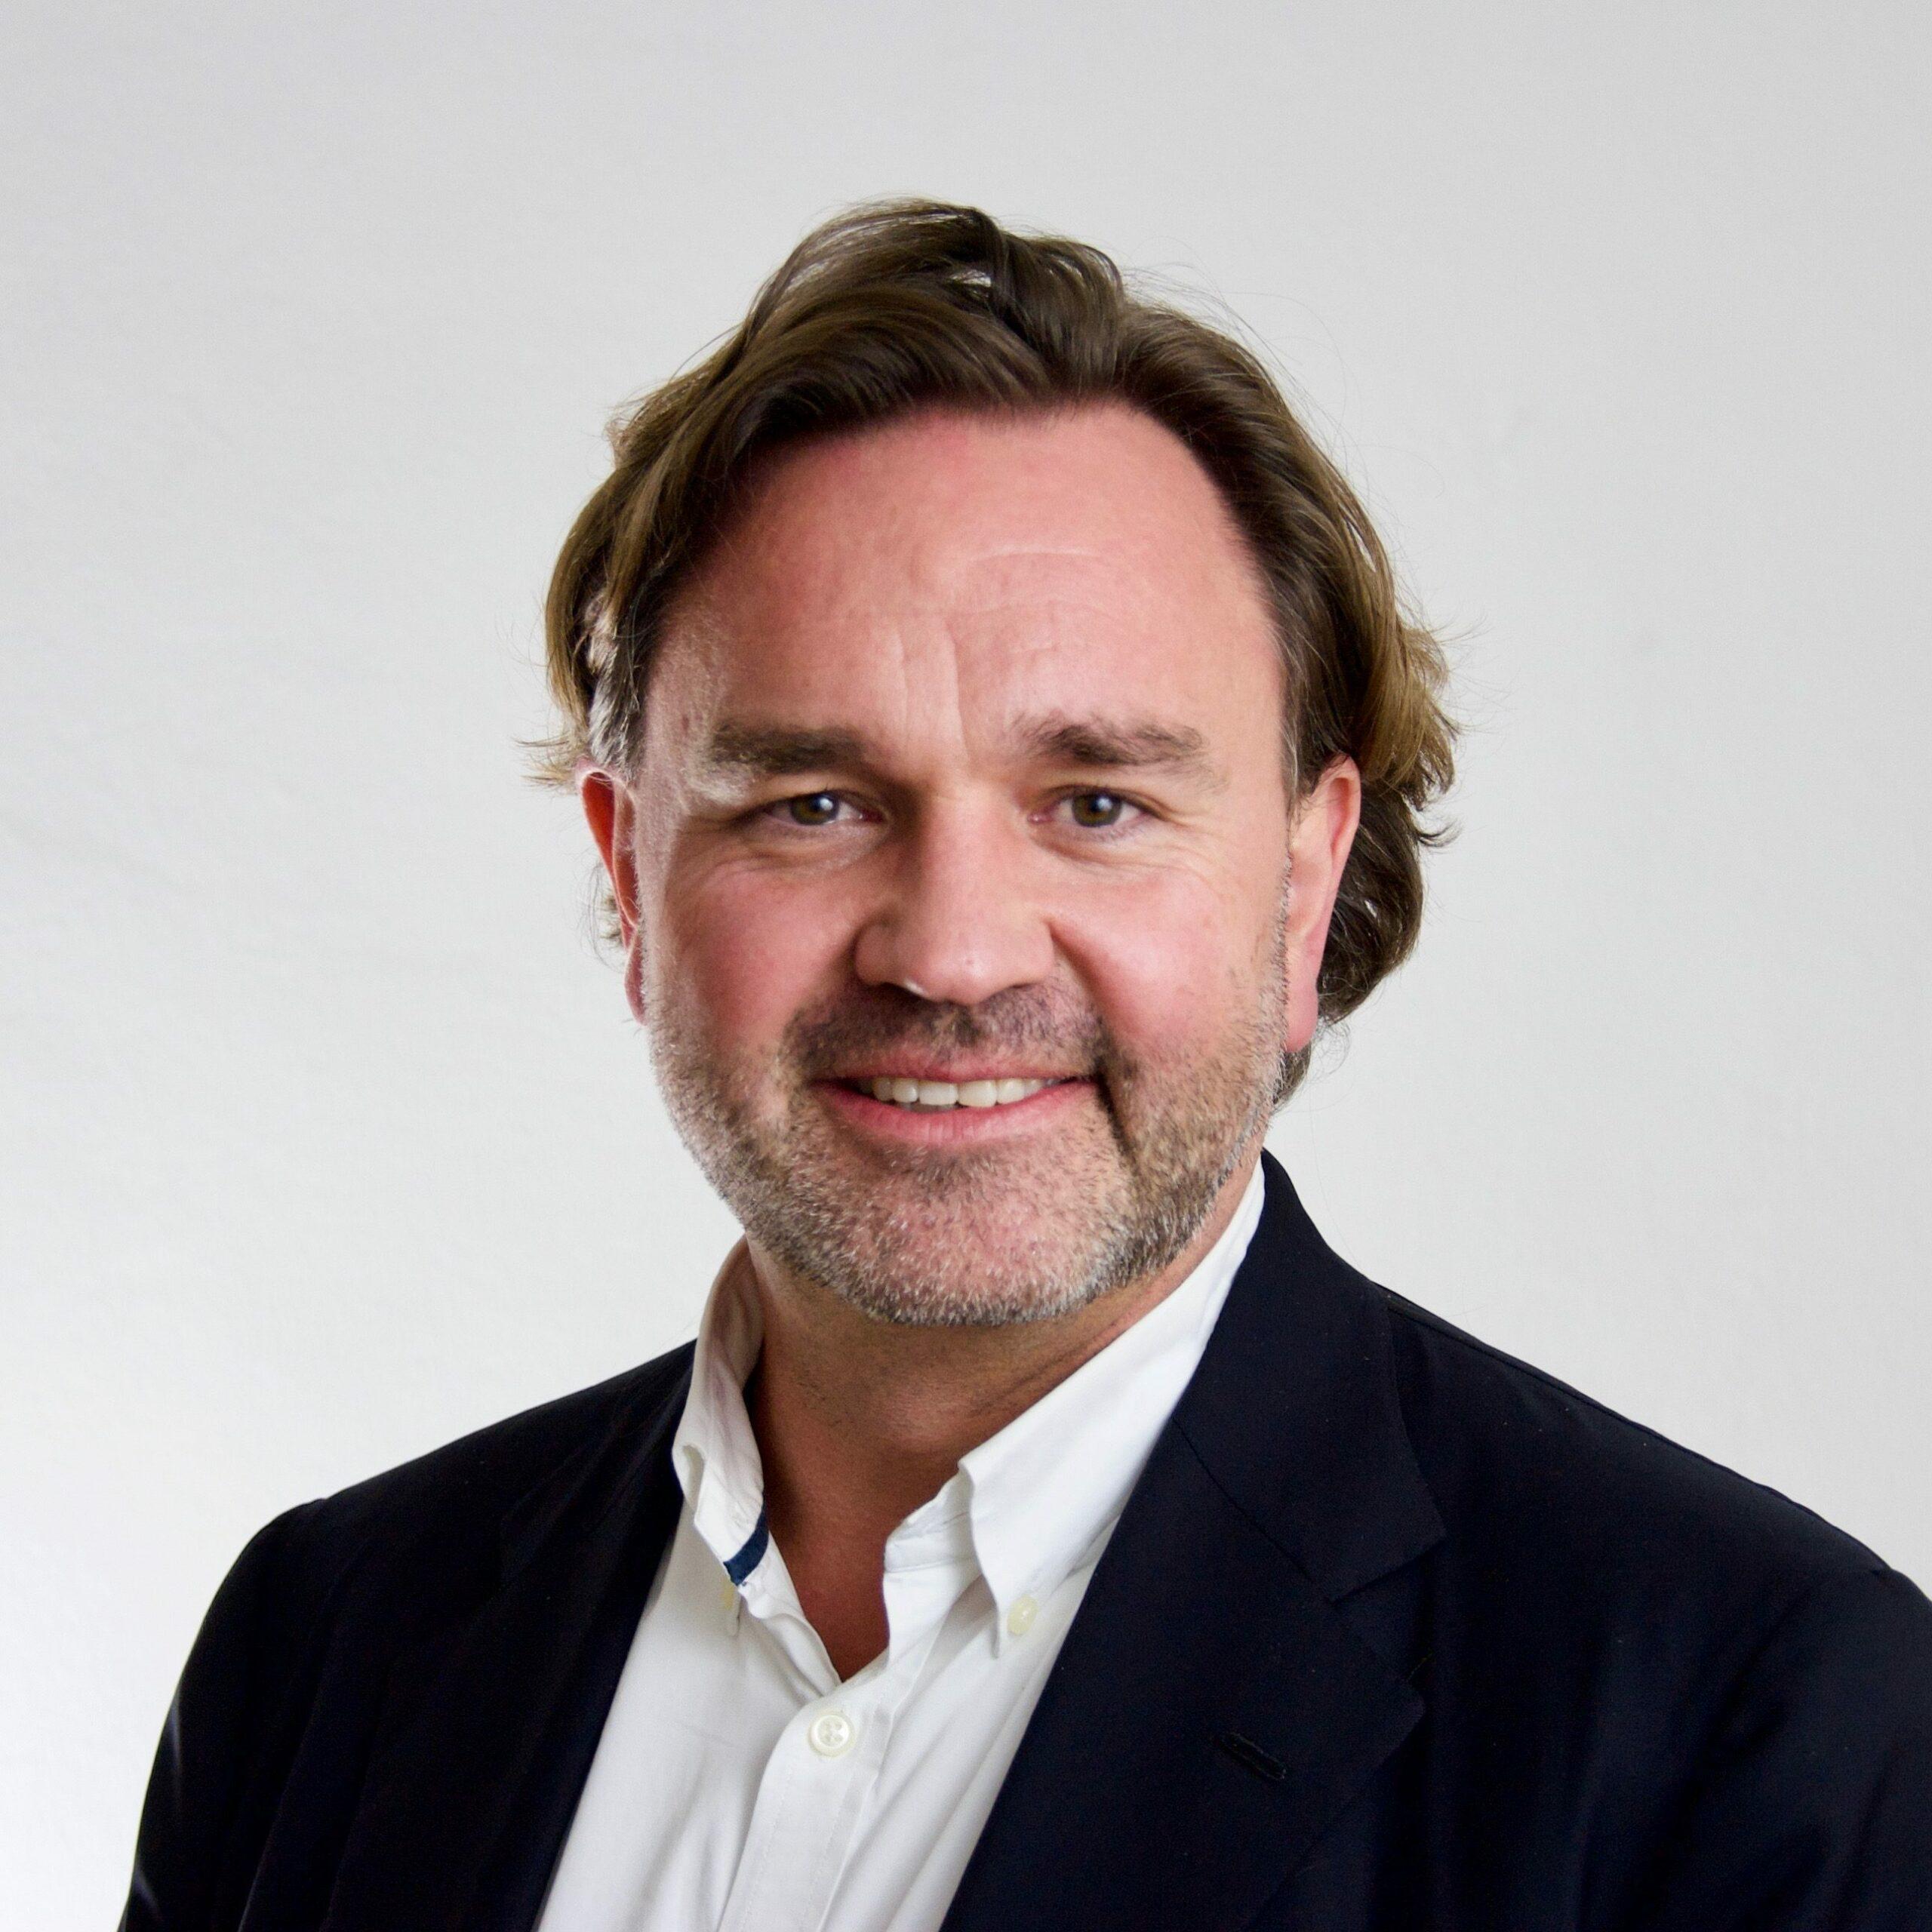 Marc-André Wülfrath